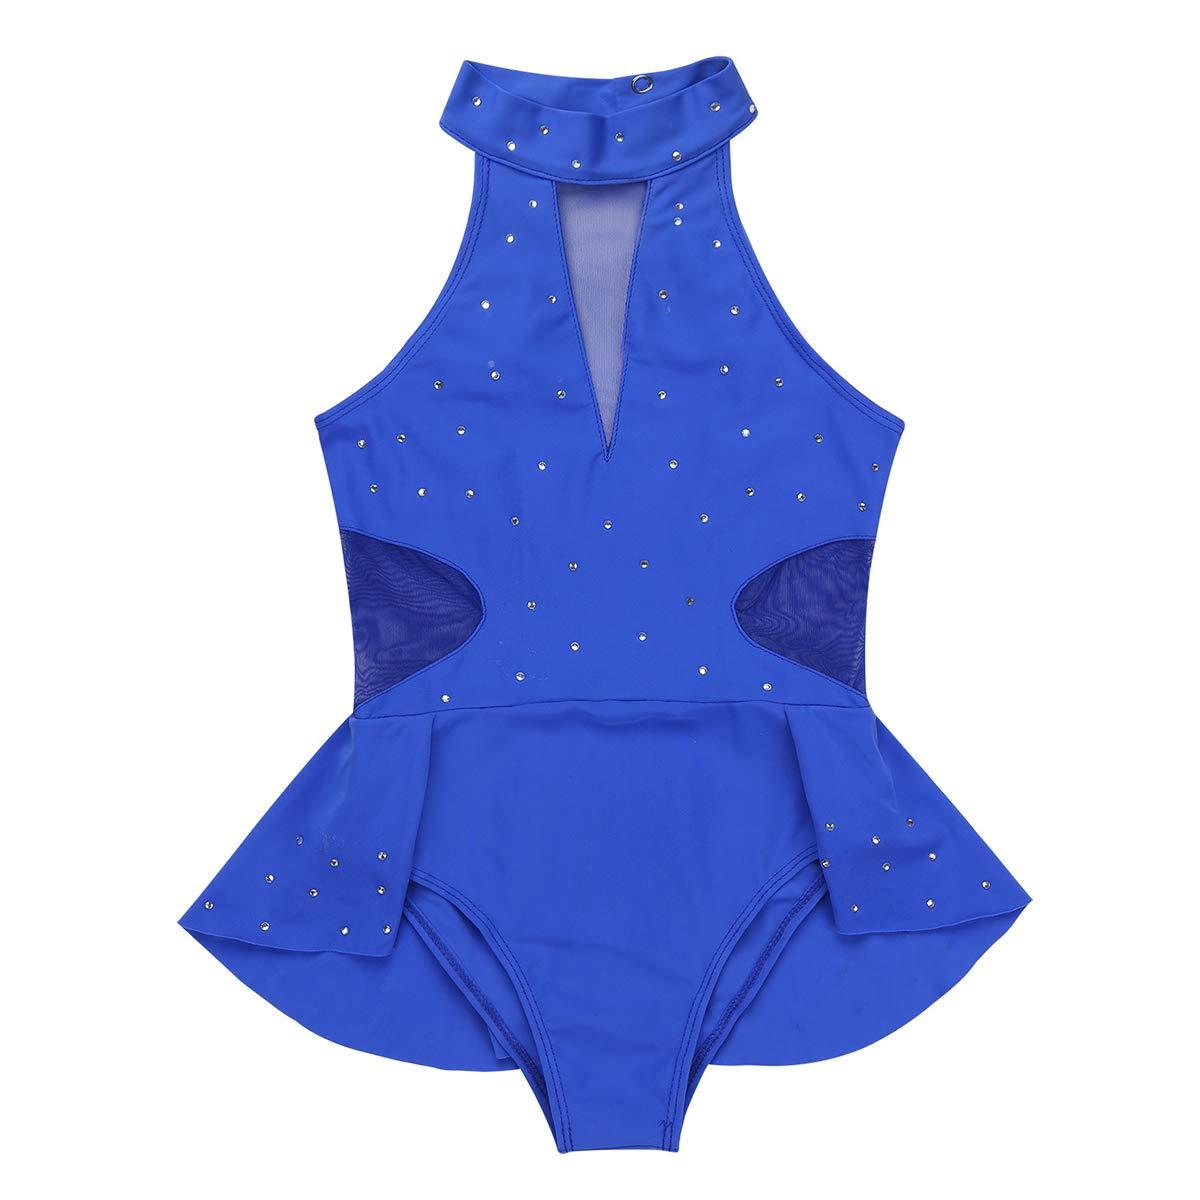 YiZYiF Body da Danza Bambina con Volant Strass Glitter Vestito da Balletto Pattinaggio Artistico Costume da Ballo Bodysuit Serbatoio per Ginnastica Dancewear Allenamento